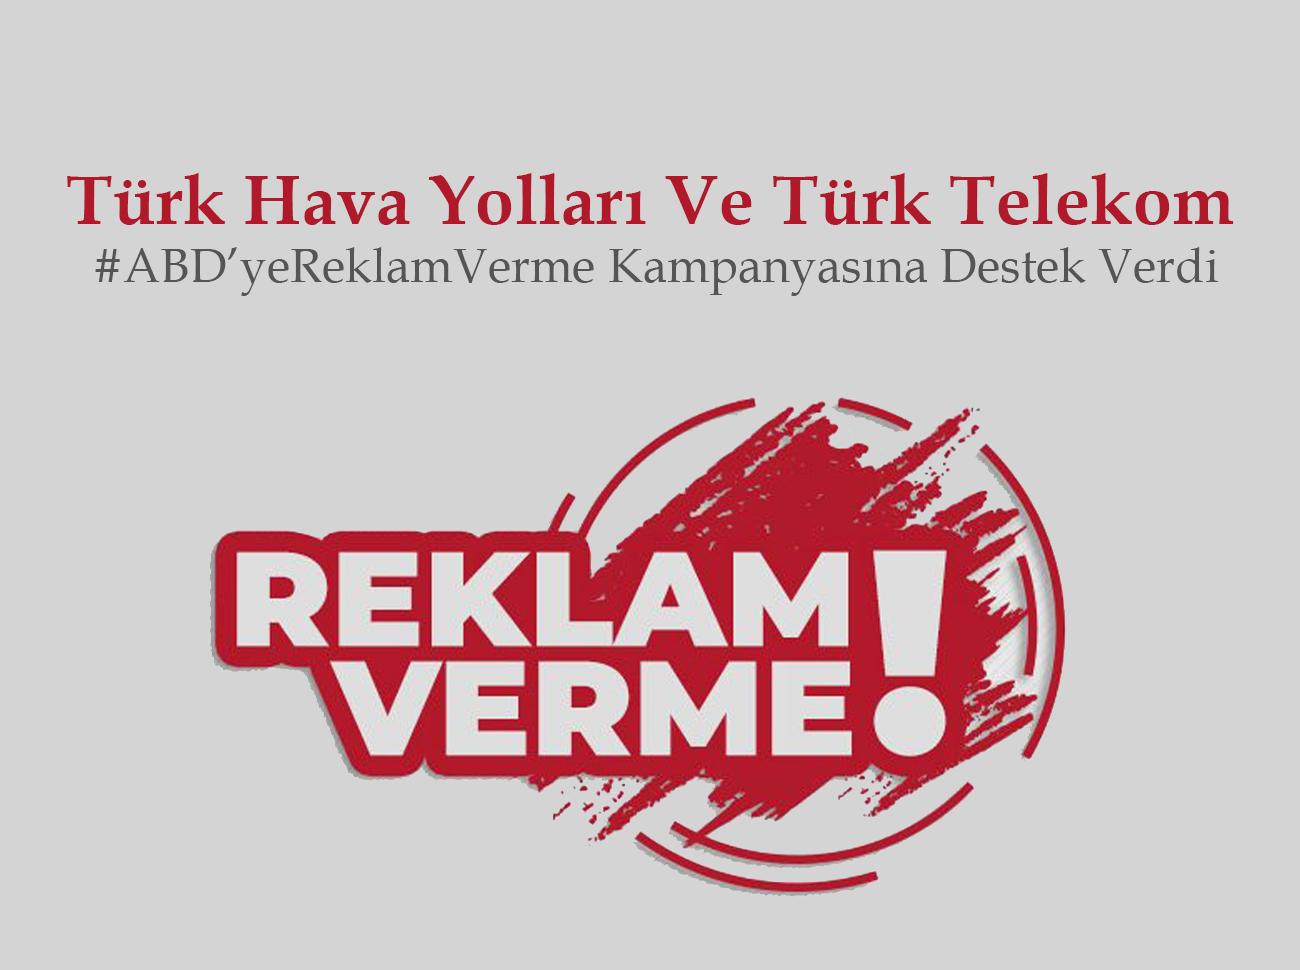 THY Ve Türk Telekom'dan ABD'ye Reklam Boykotu